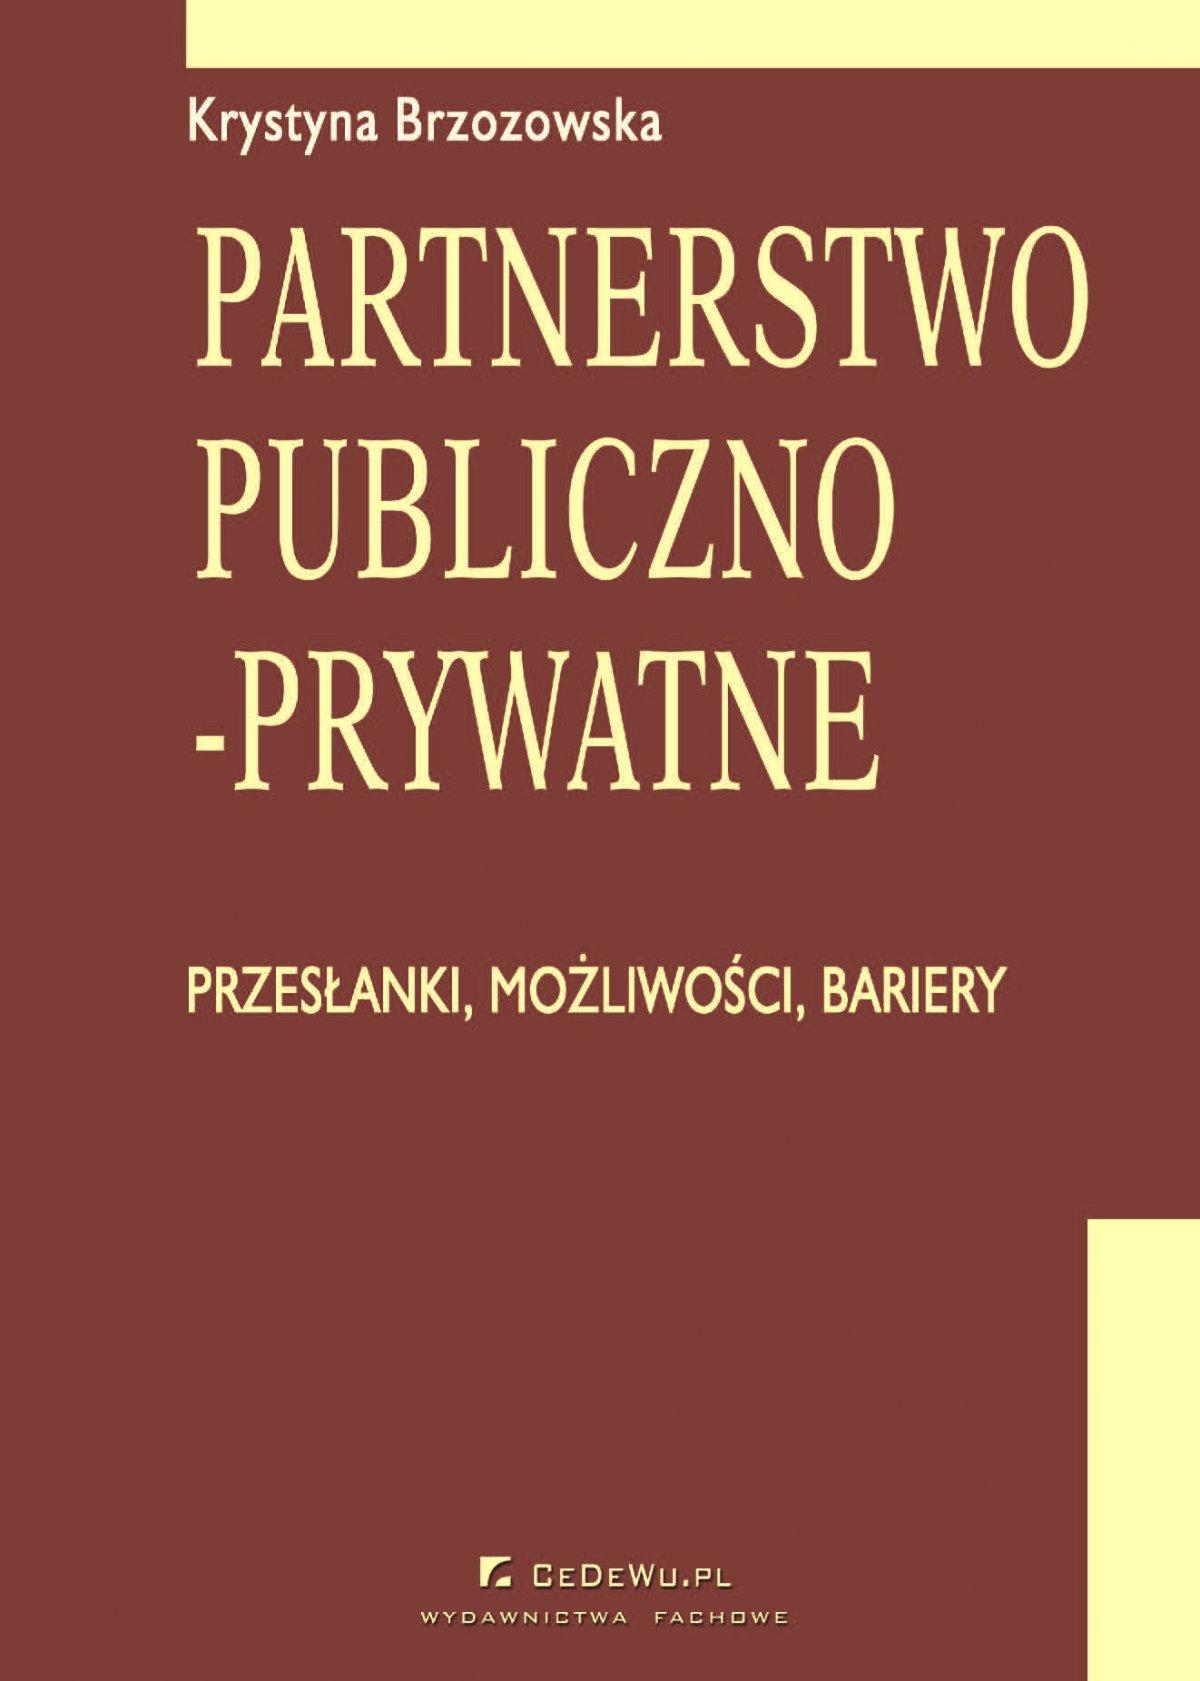 Partnerstwo publiczno-prywatne. Przesłanki, możliwości, bariery. Rozdział 7. Uwarunkowania prawne rozwoju partnerstwa publiczno-prywatnego - Ebook (Książka PDF) do pobrania w formacie PDF